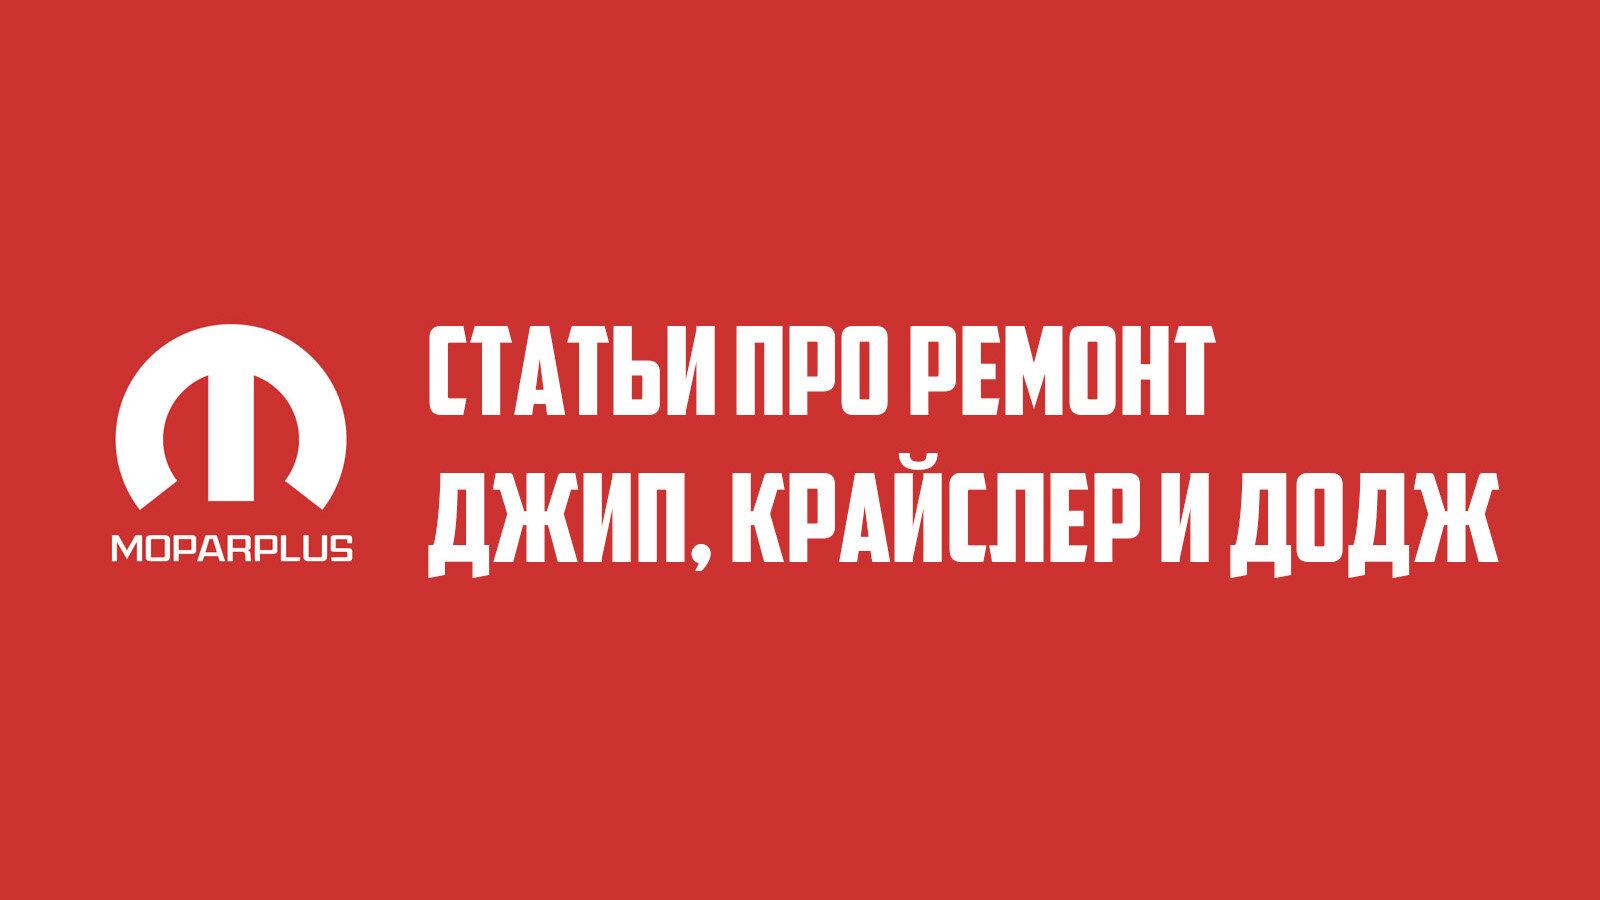 Статьи про ремонт. Выпуск №77.